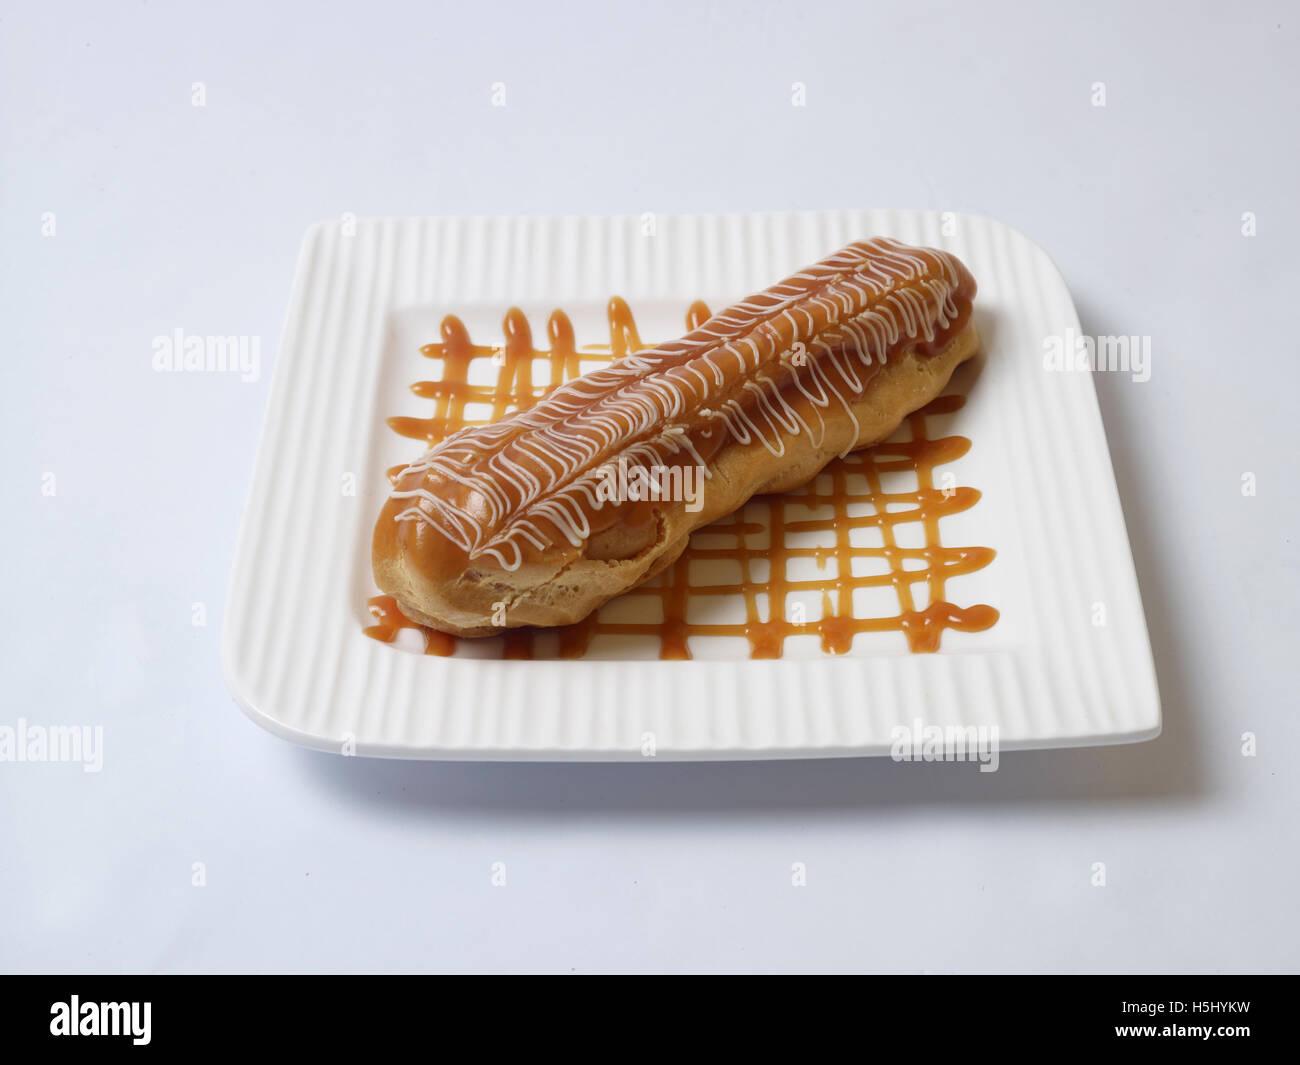 caramel eclair - Stock Image